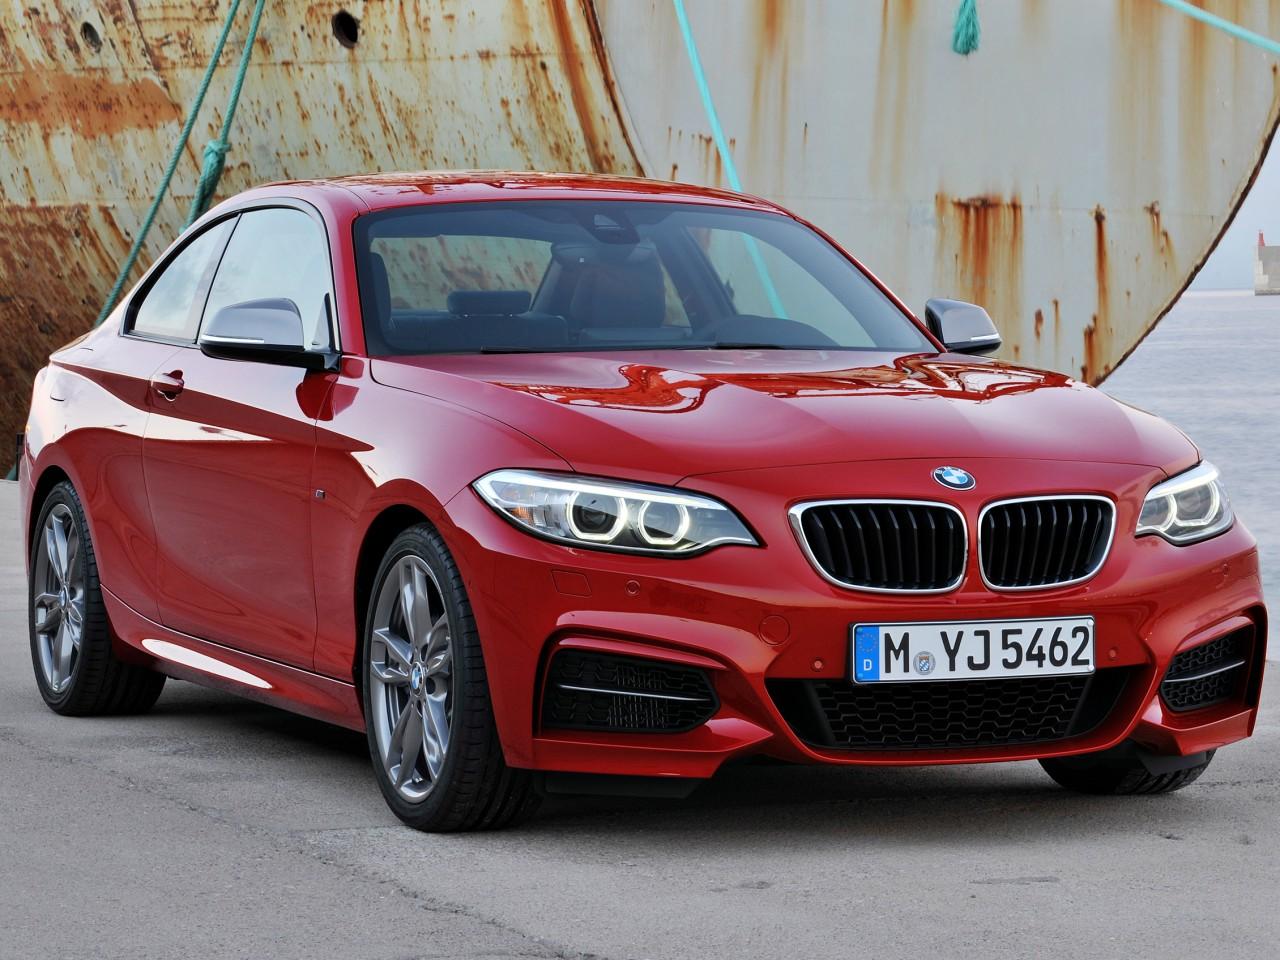 BMW 2シリーズ クーペ 2014年モデル 新車画像